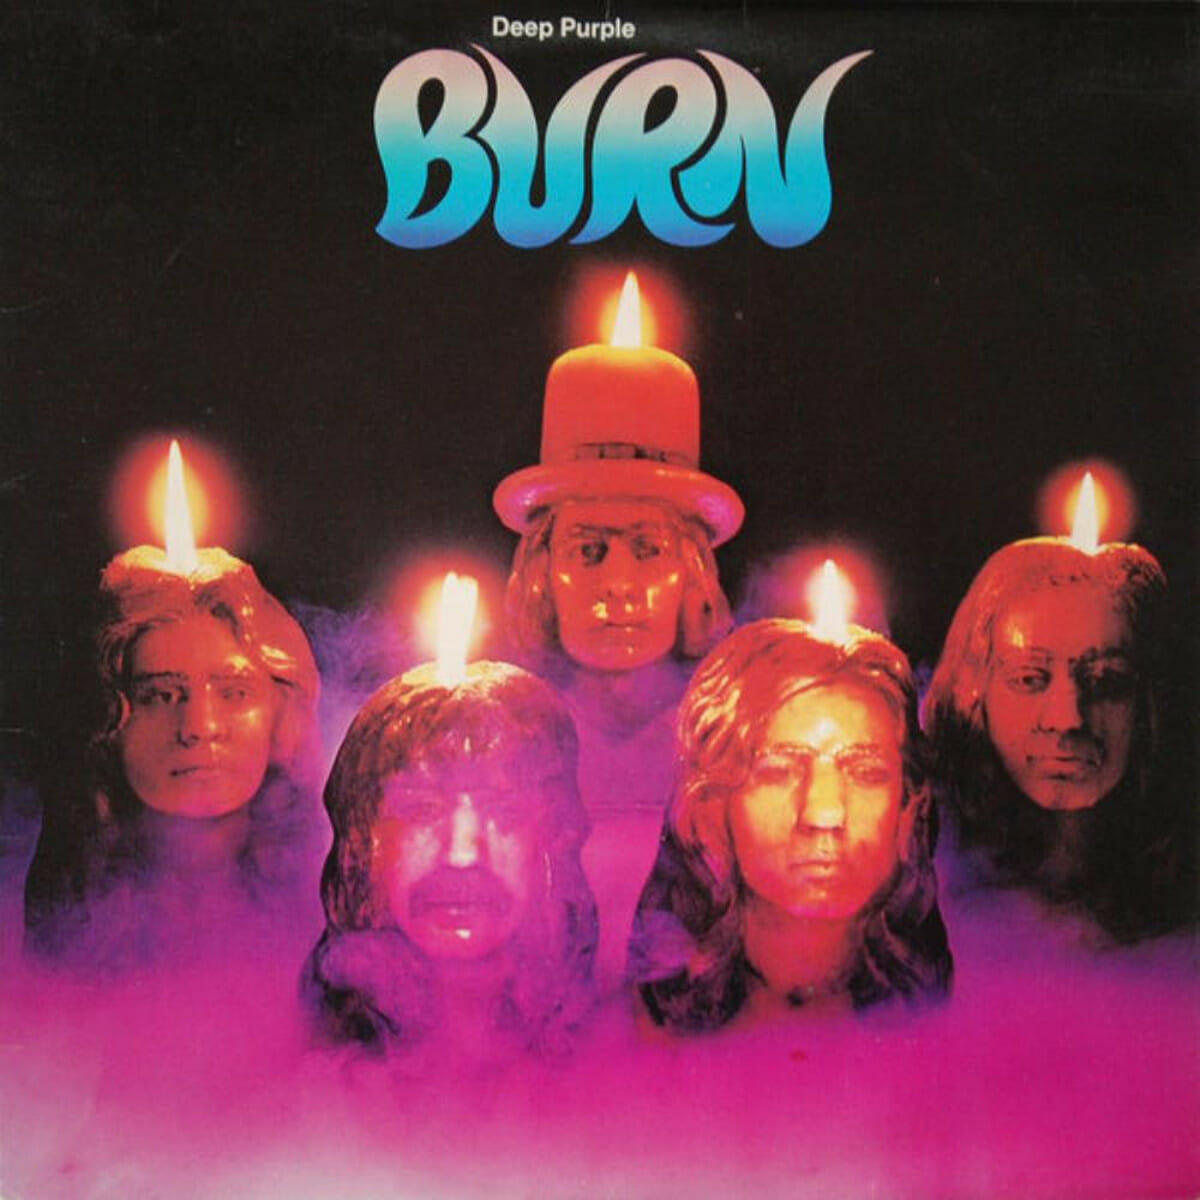 Deep Purple Burn Album Cover